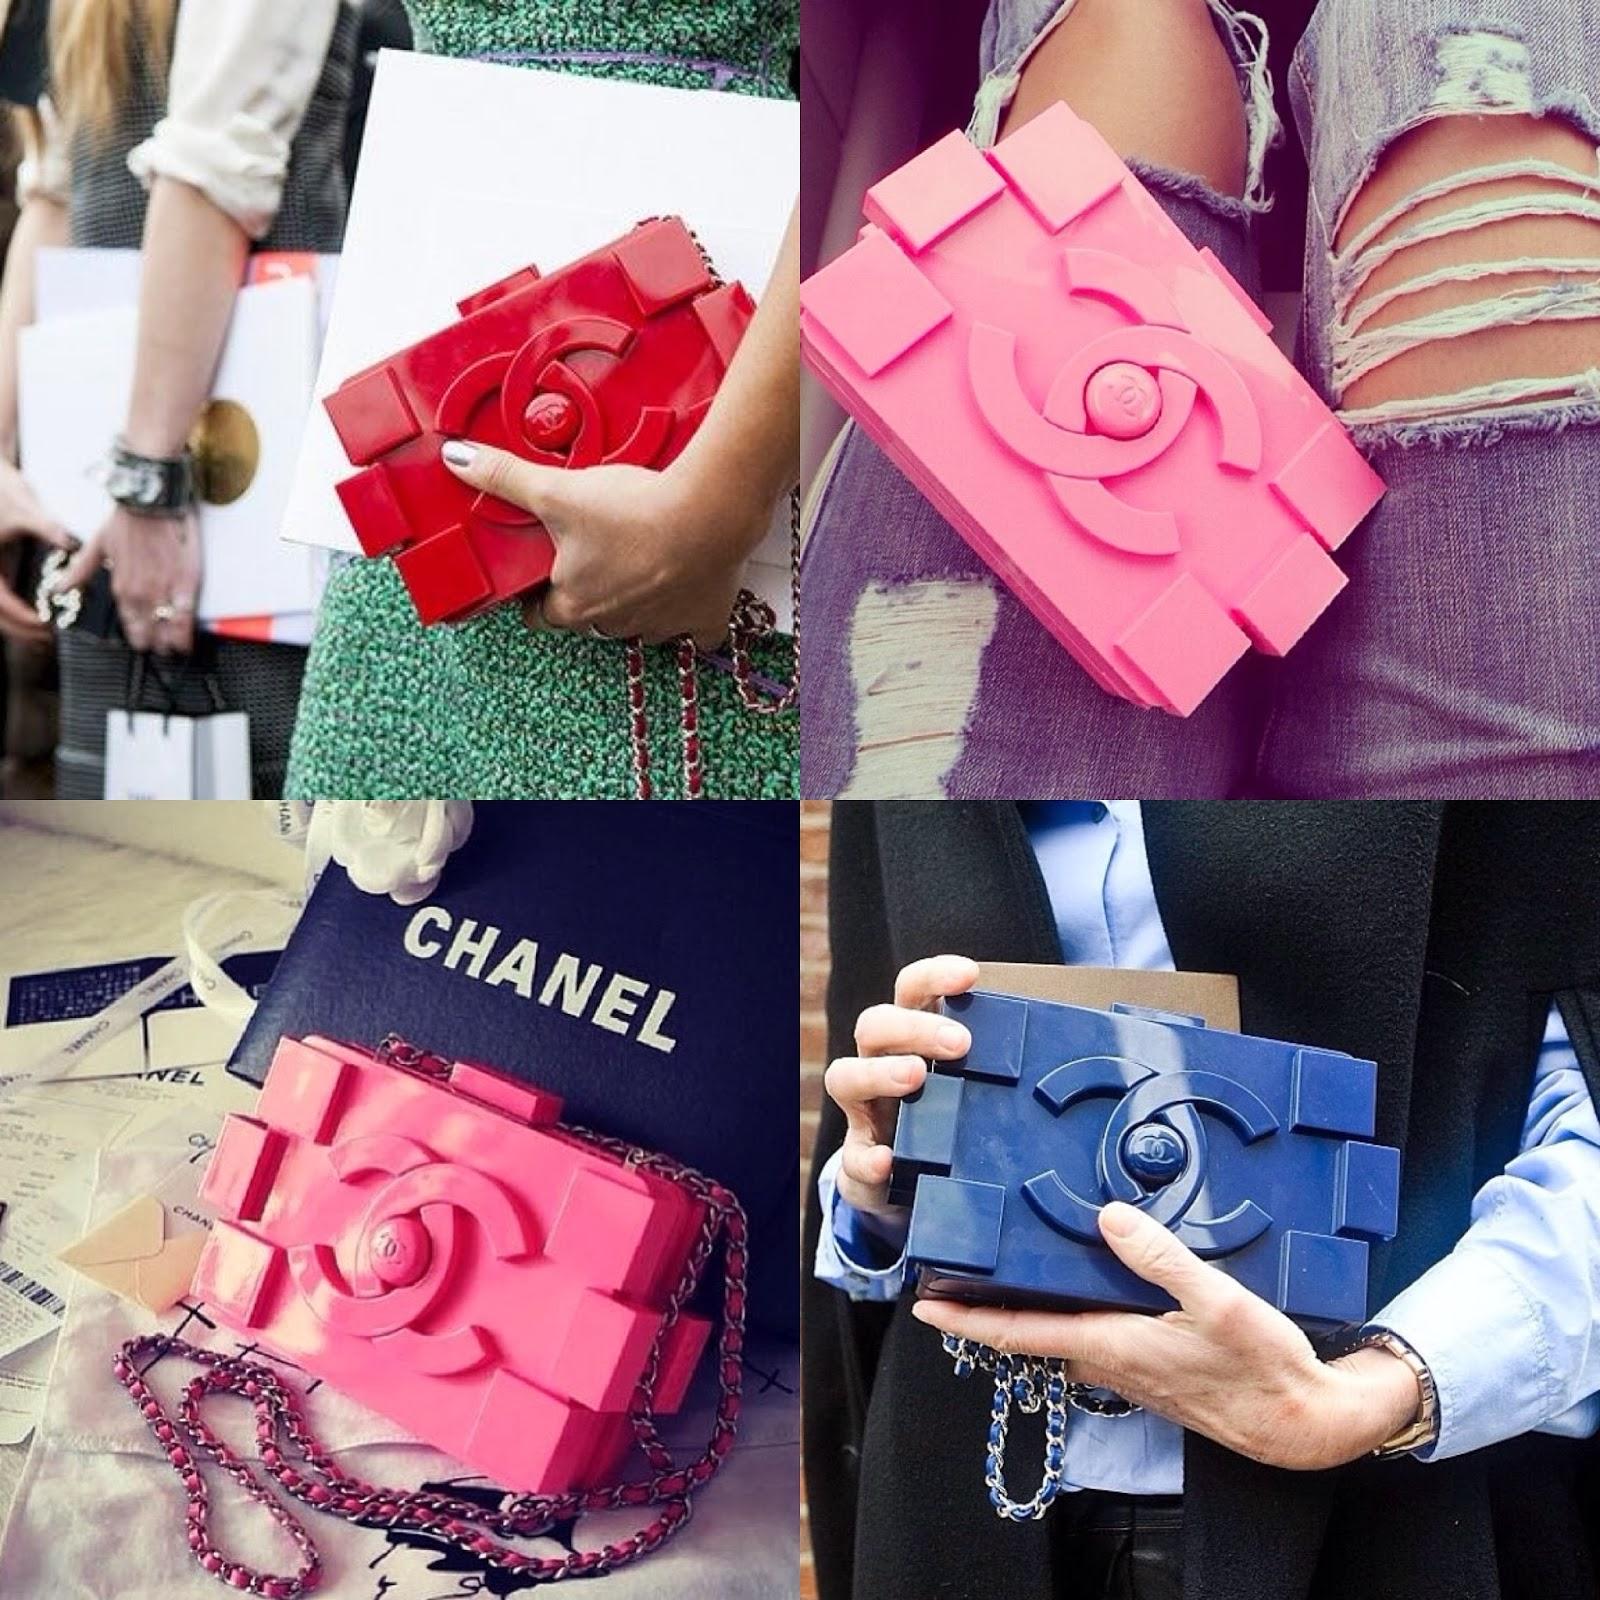 thassia navers, capinha de celular, case de iphone, chanel, lego, boy bag, capinha da chanel, onde comprar, como usar, inspiração